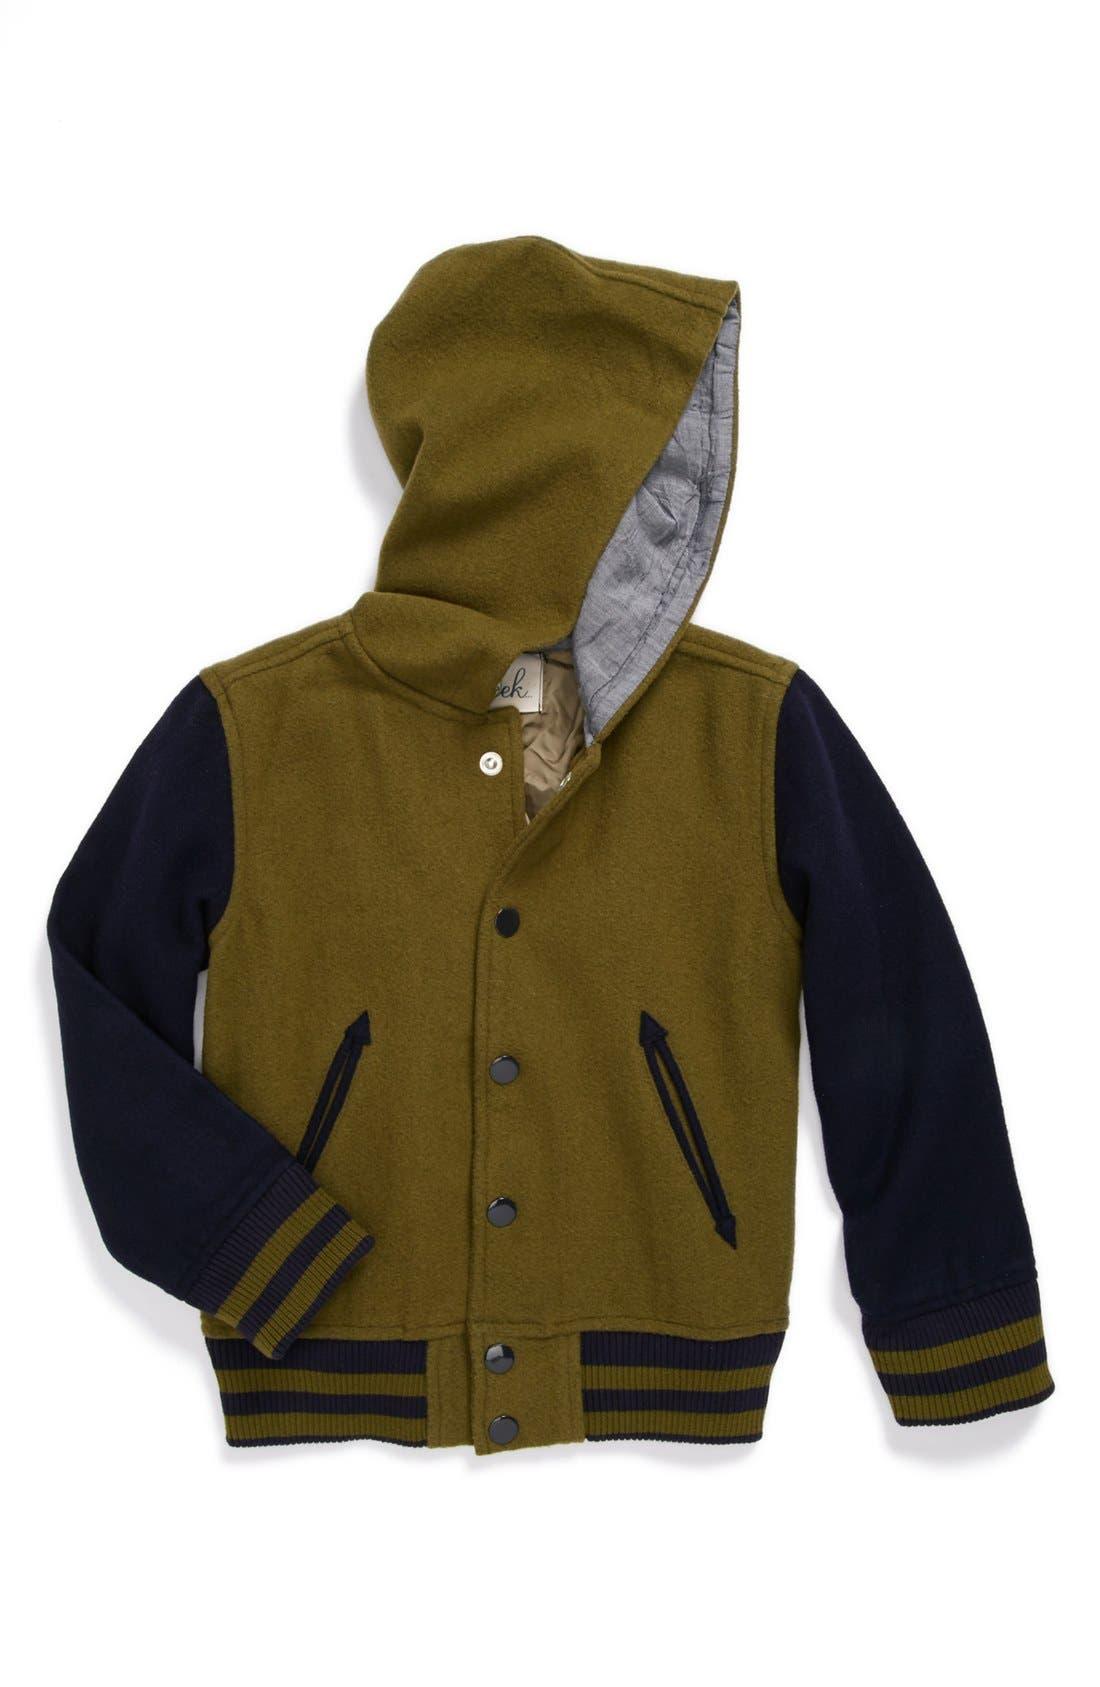 Main Image - Peek Hooded Varsity Jacket (Toddler Boys, Little Boys & Big Boys)